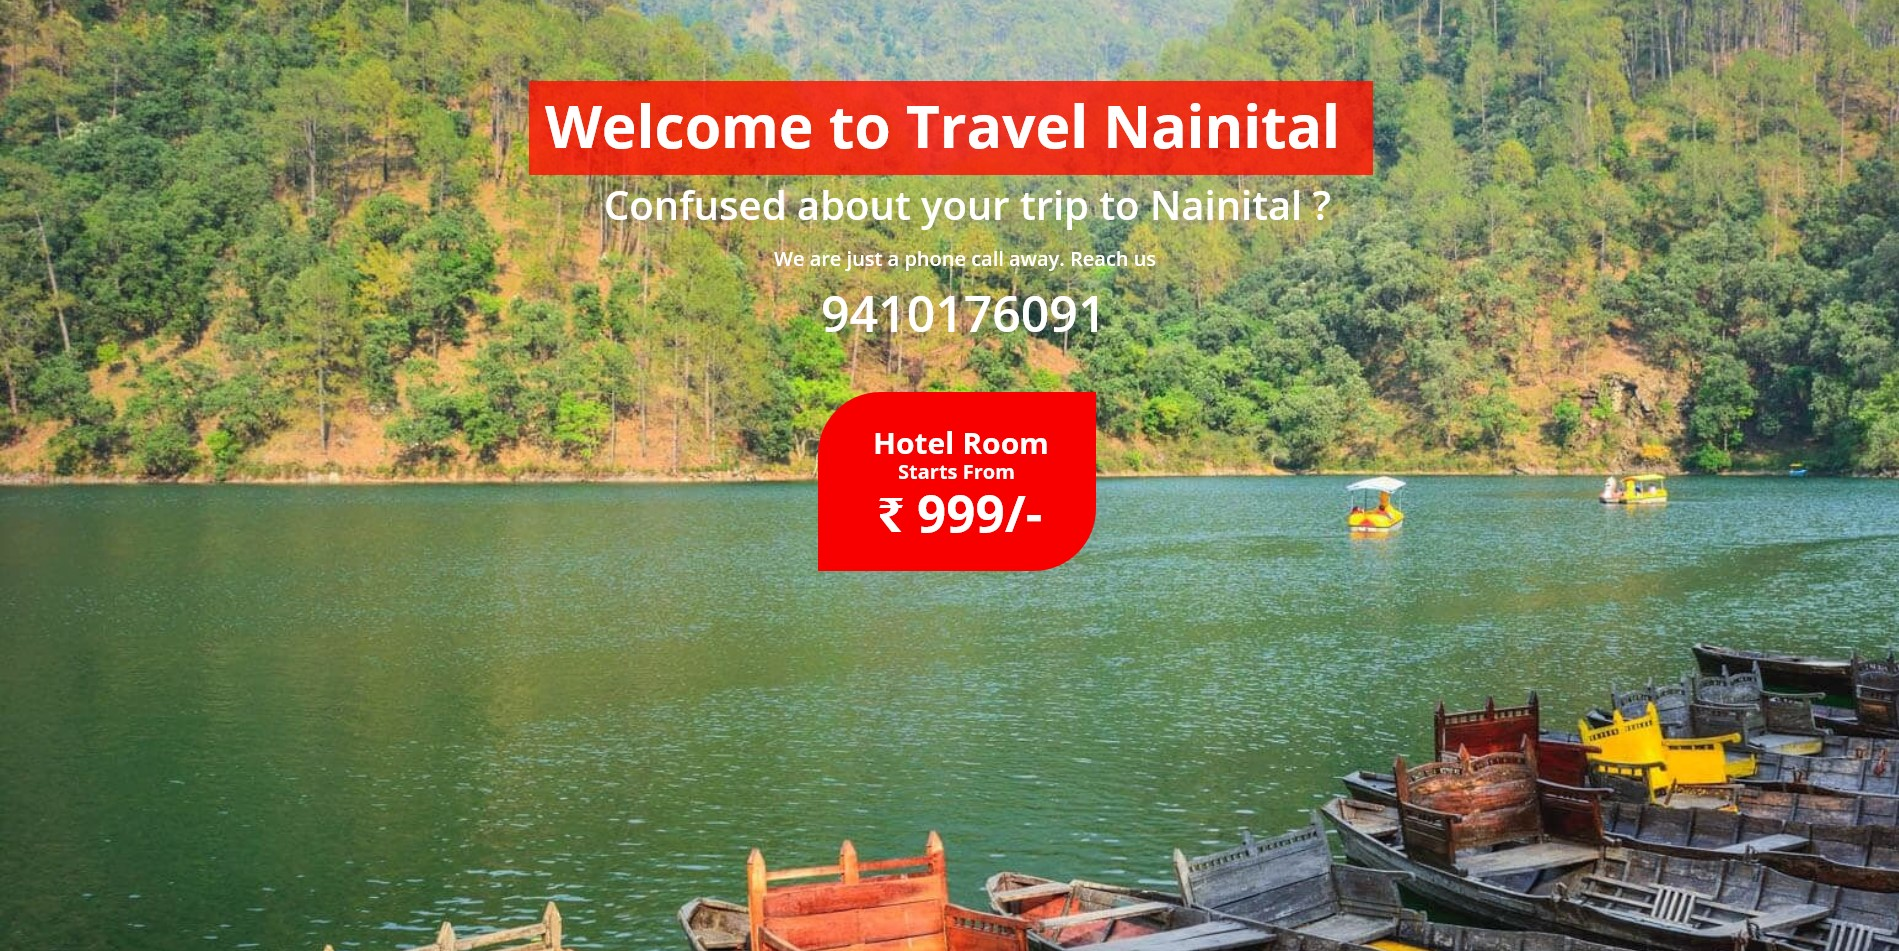 Travel Nainital